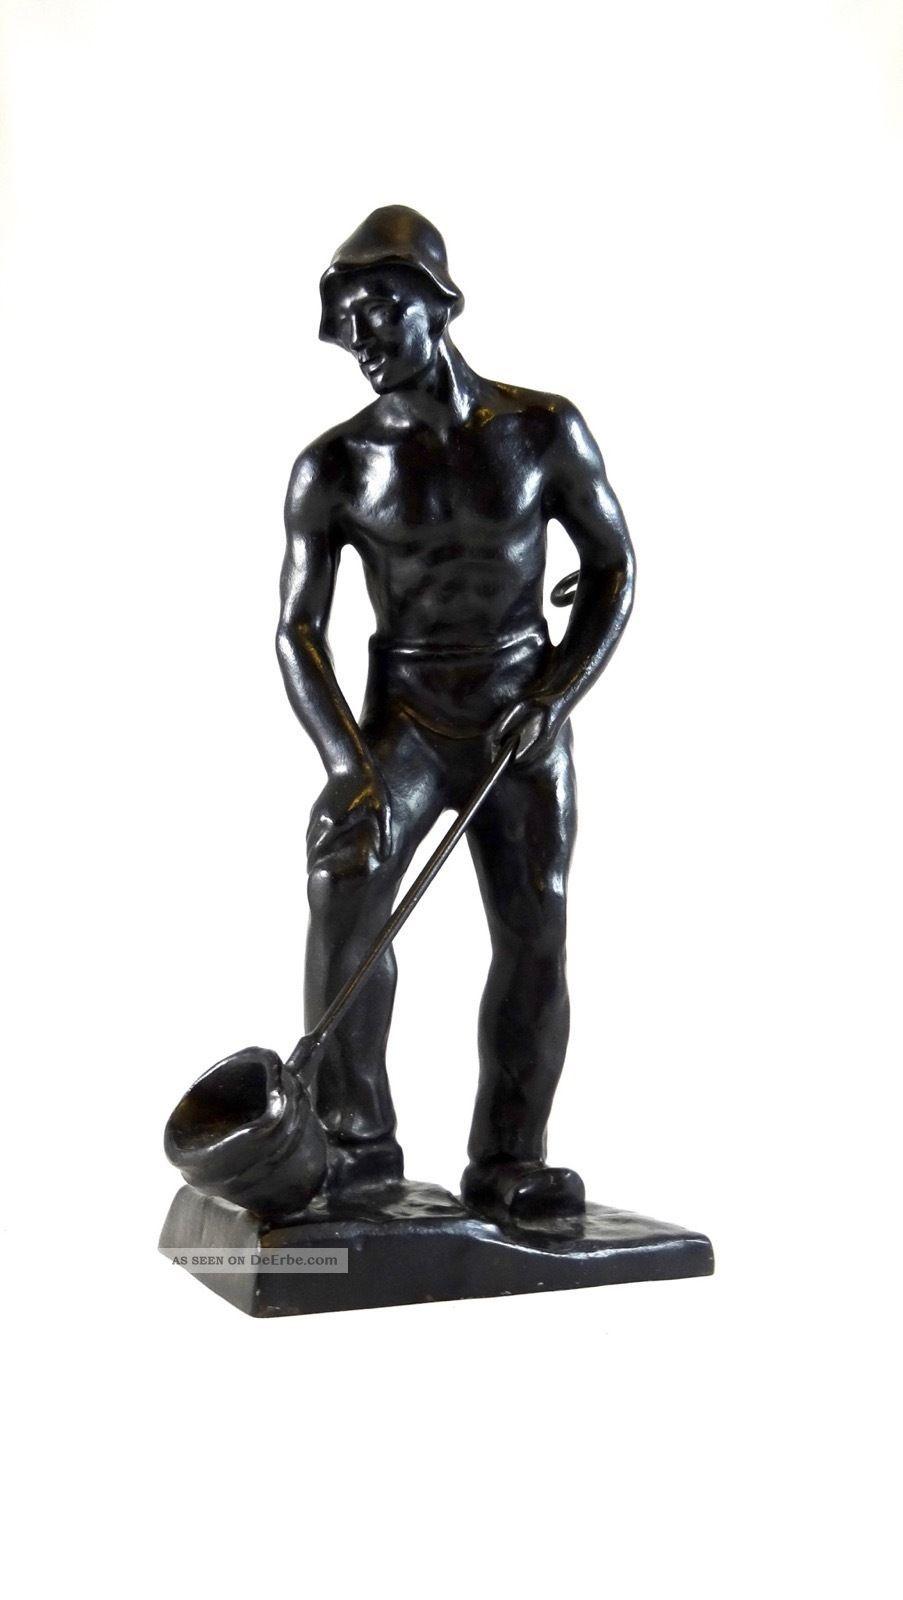 Carl Bourcarde Der Gießer GeschwÄrzter Eisenguss Skulptur Buderus 1936 1920-1949, Art Déco Bild